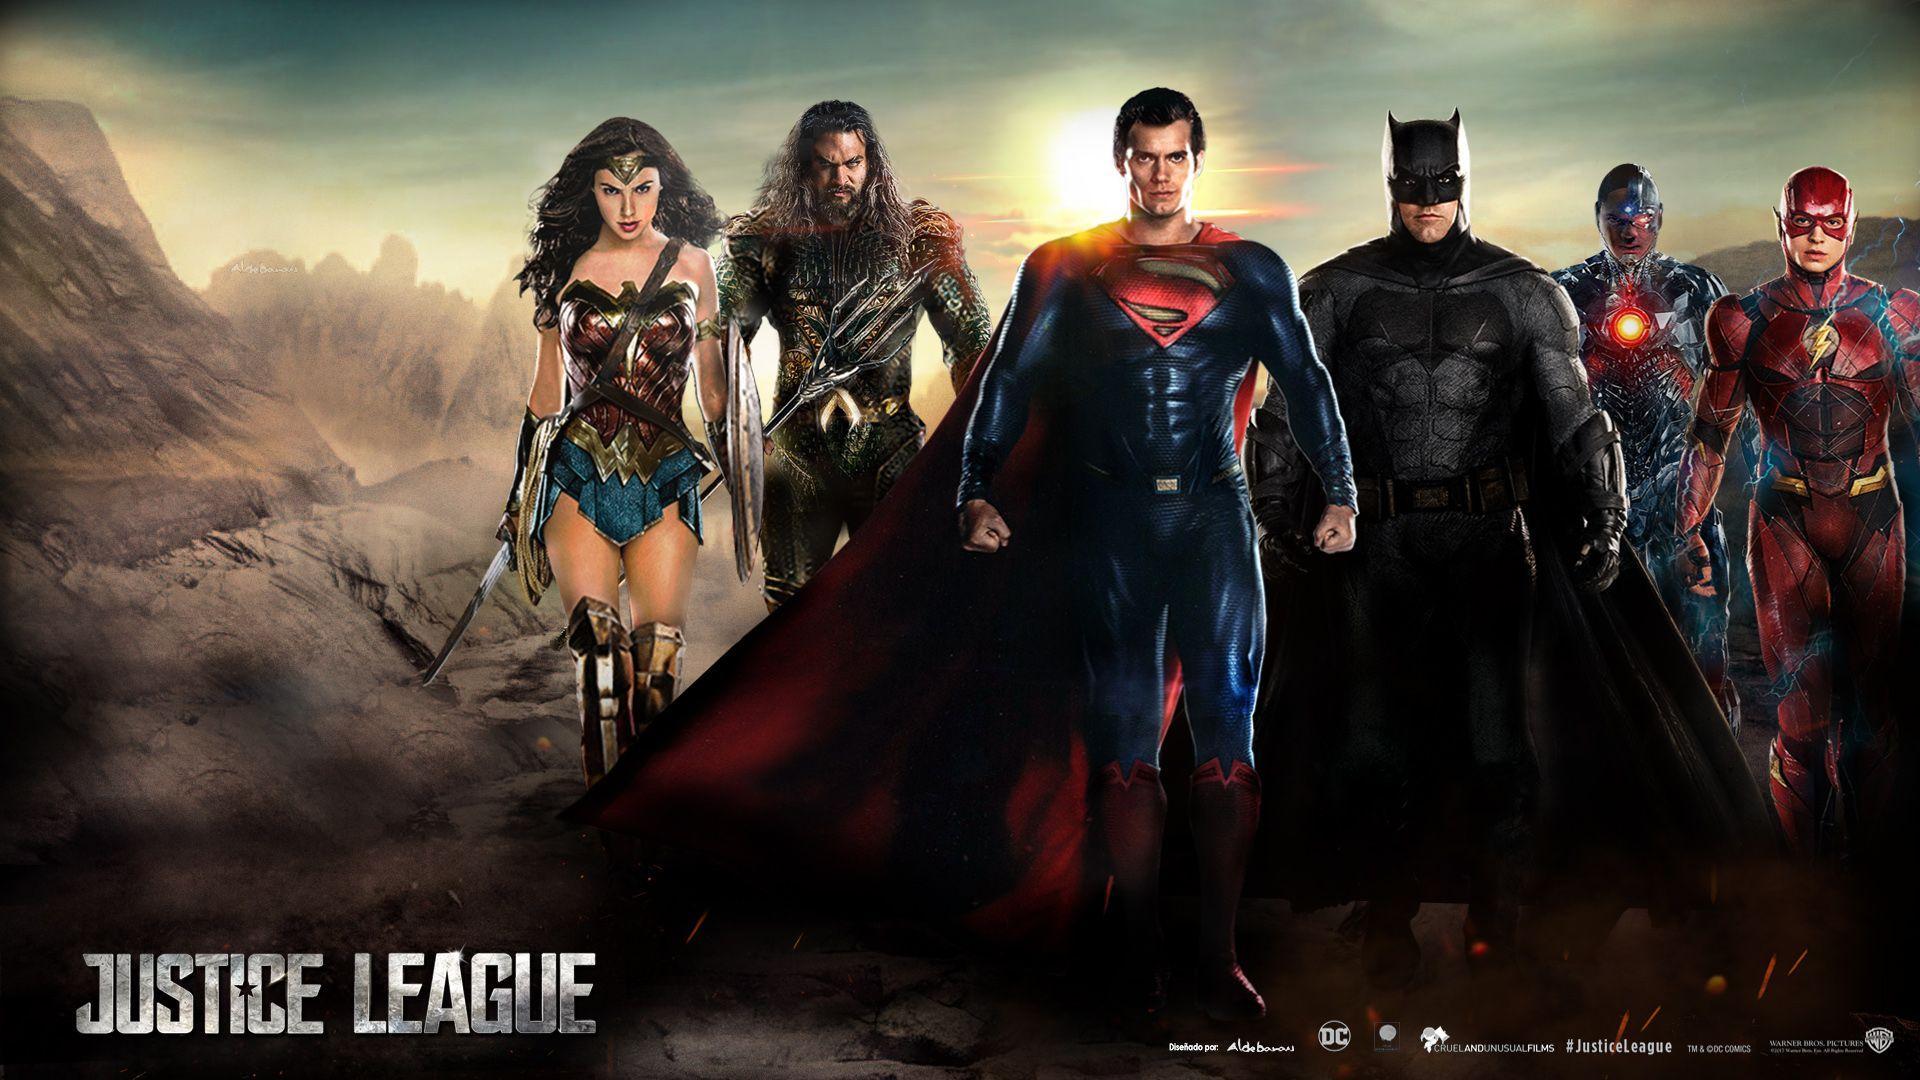 Wonder Woman Justice League 4k Fan Art Hd Movies 4k: Justice League 2017 Wallpapers